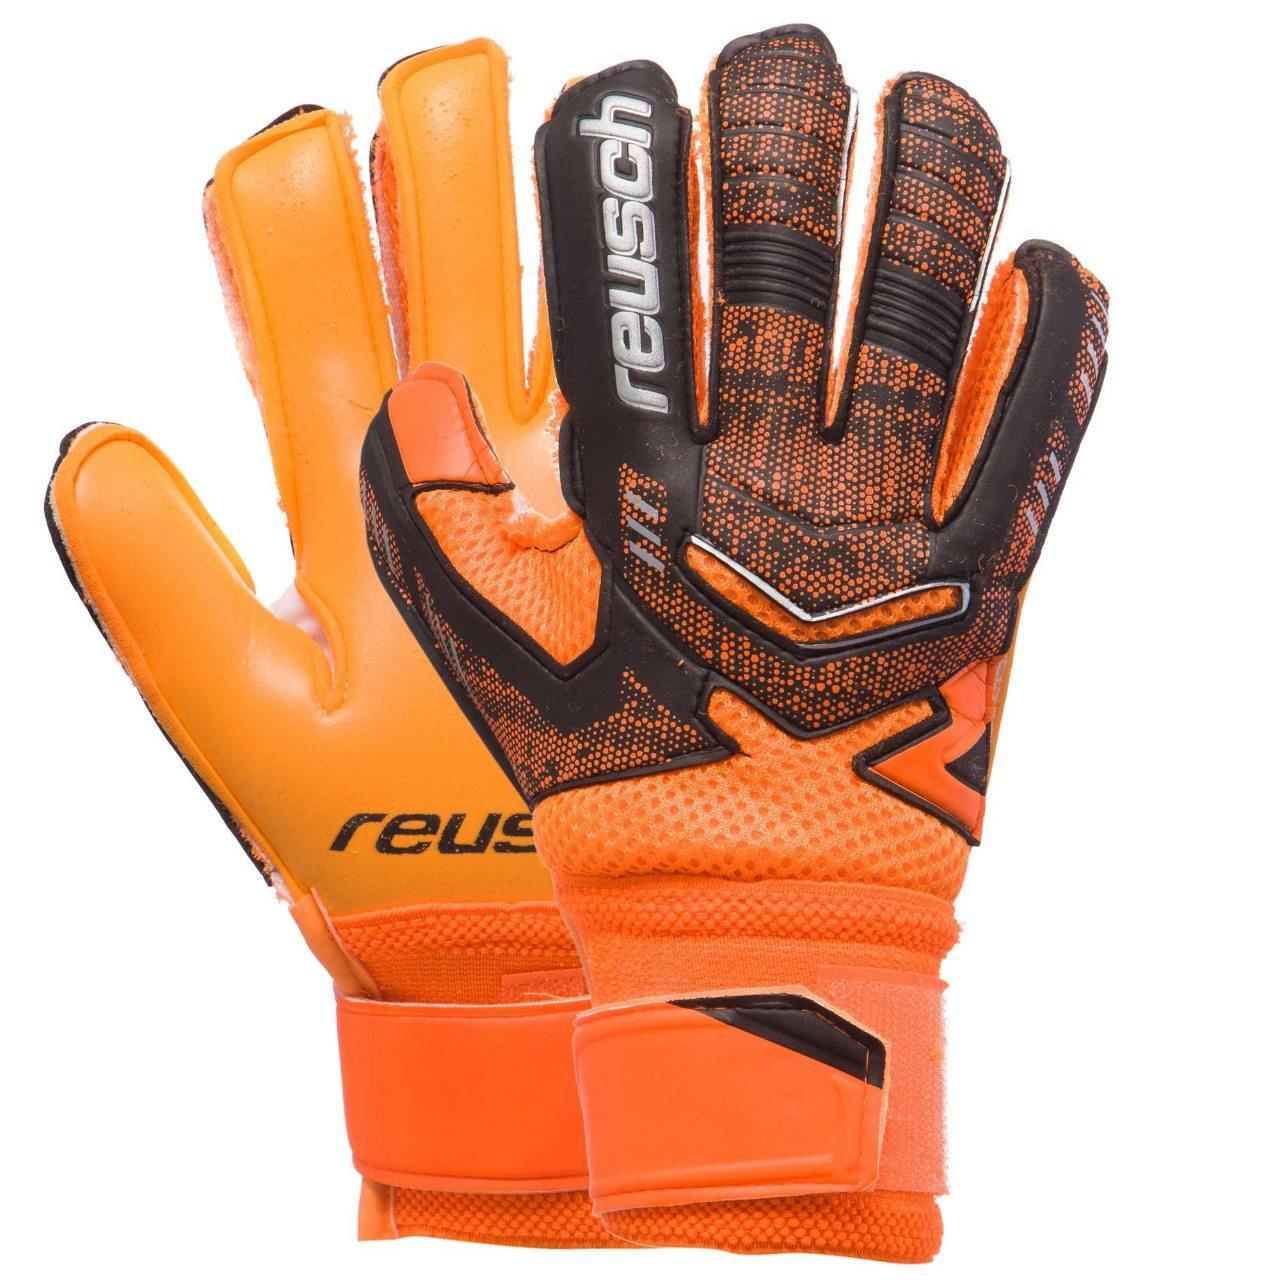 Детские вратарские перчатки Reusch replica оранжевые